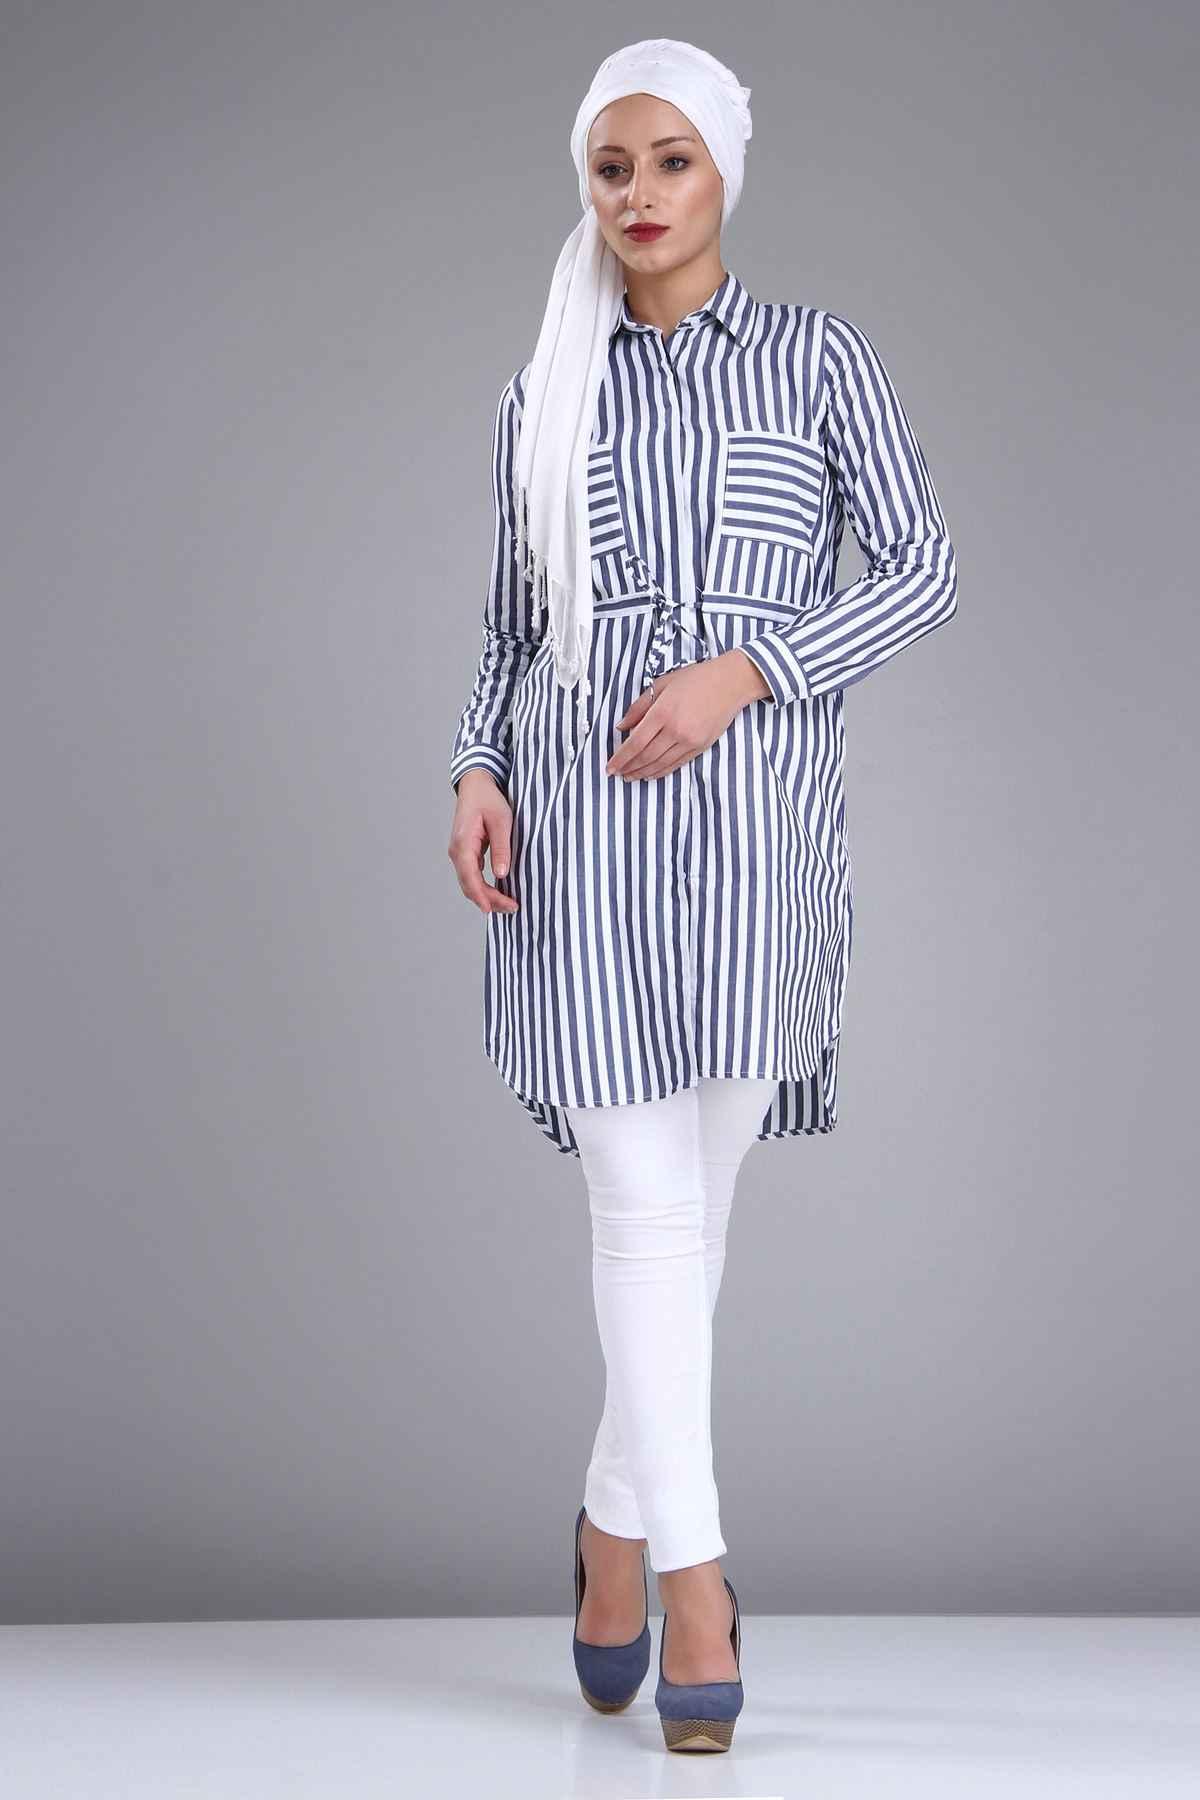 Patırtı Çizgili Tesettür Tunik Gömlek Modelleri